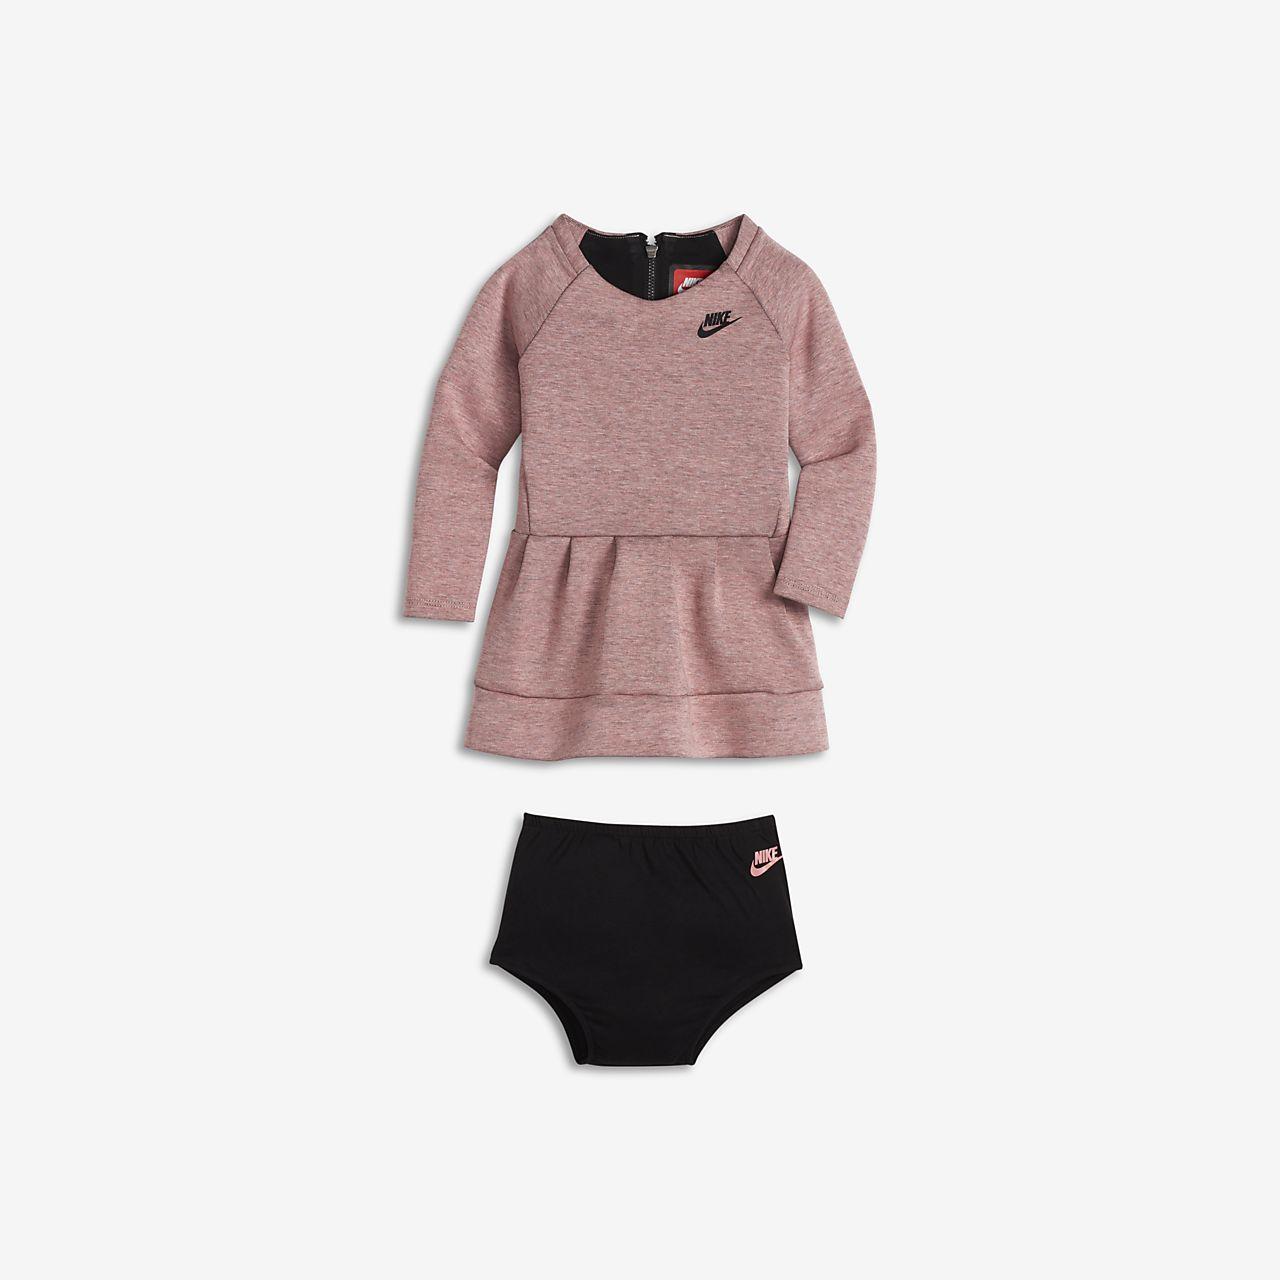 Dívčí šaty Nike Tech Fleece pro kojence a batolata